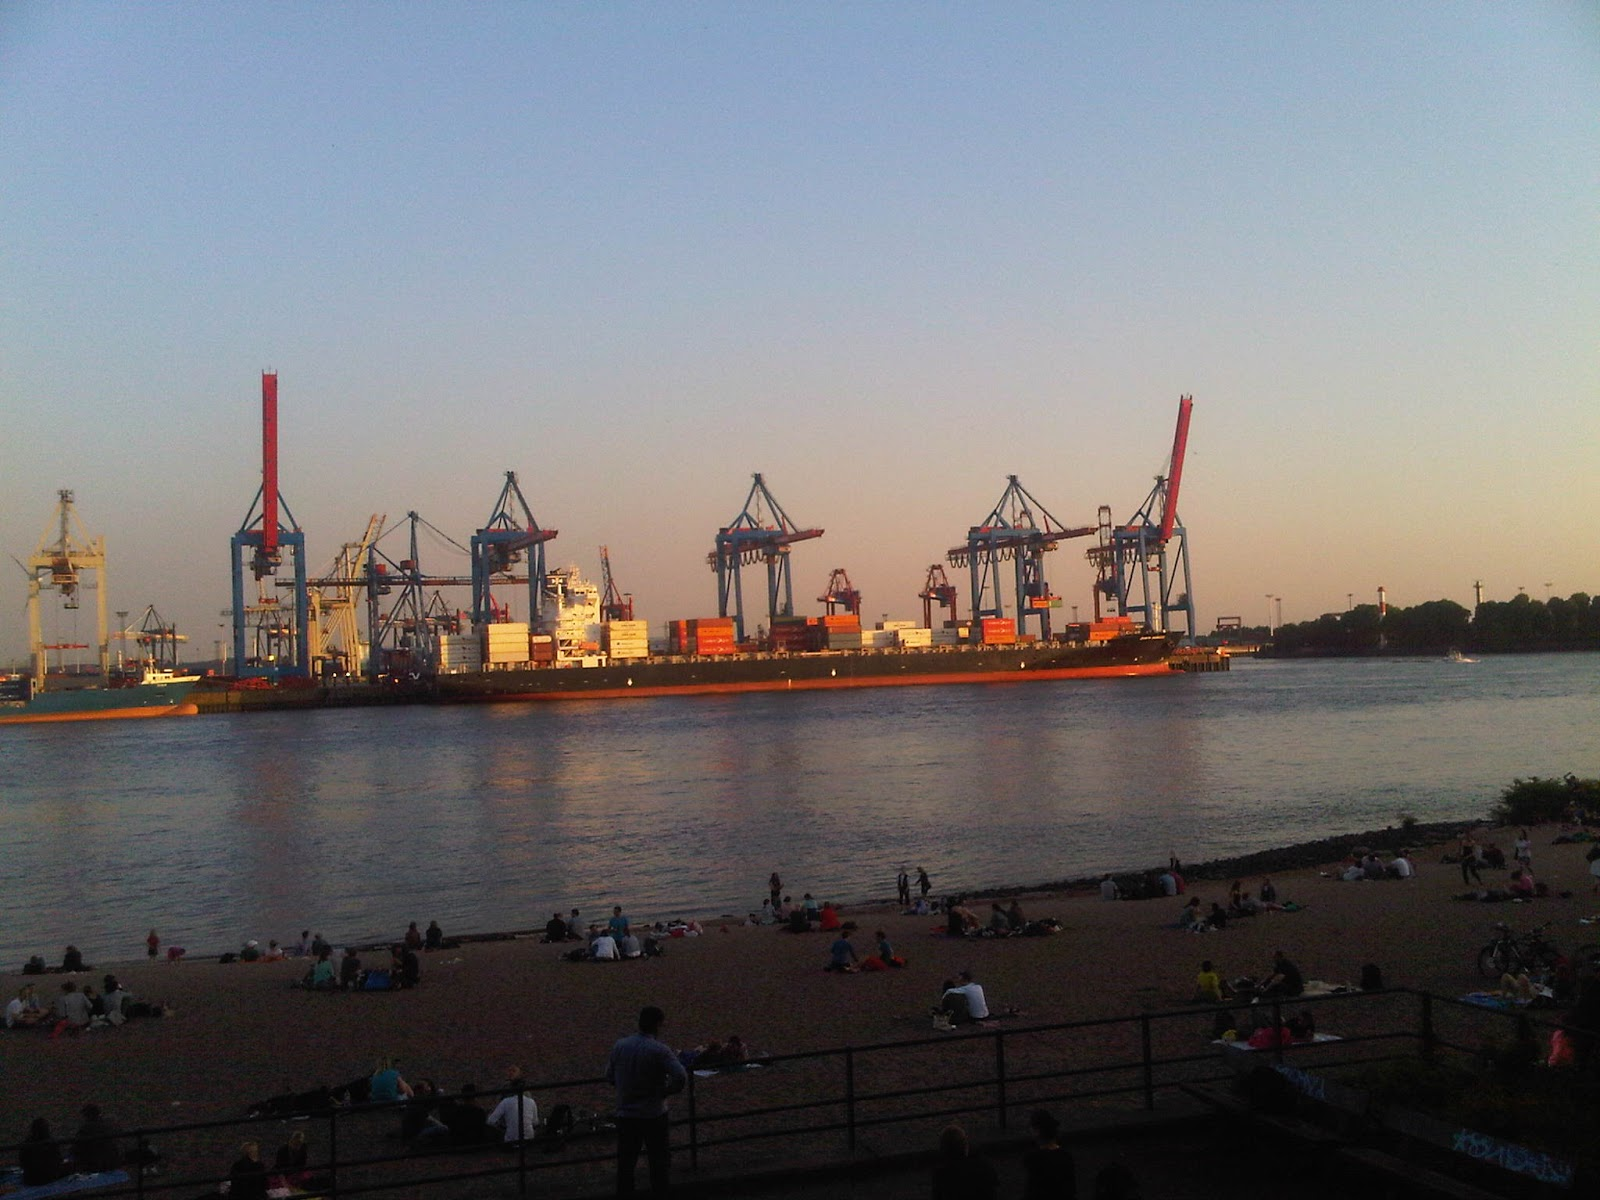 Bilder vom Container Terminal vom Elbstrand aus